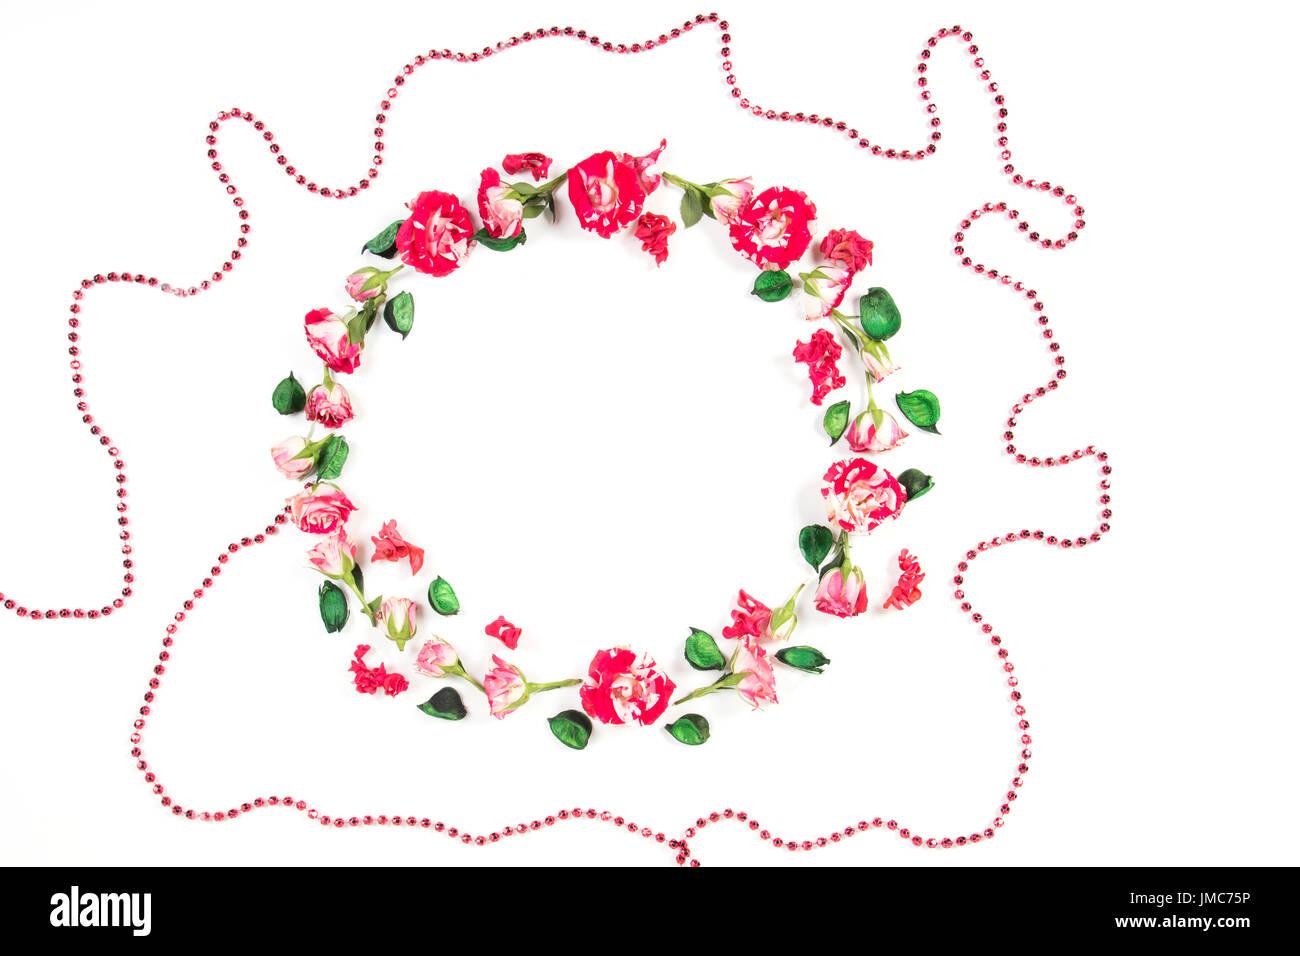 Blumen-Komposition. Kranz aus frischen Rosen und getrockneten Blumen auf weißem Hintergrund. Flach legen, Top Aussicht Stockfoto